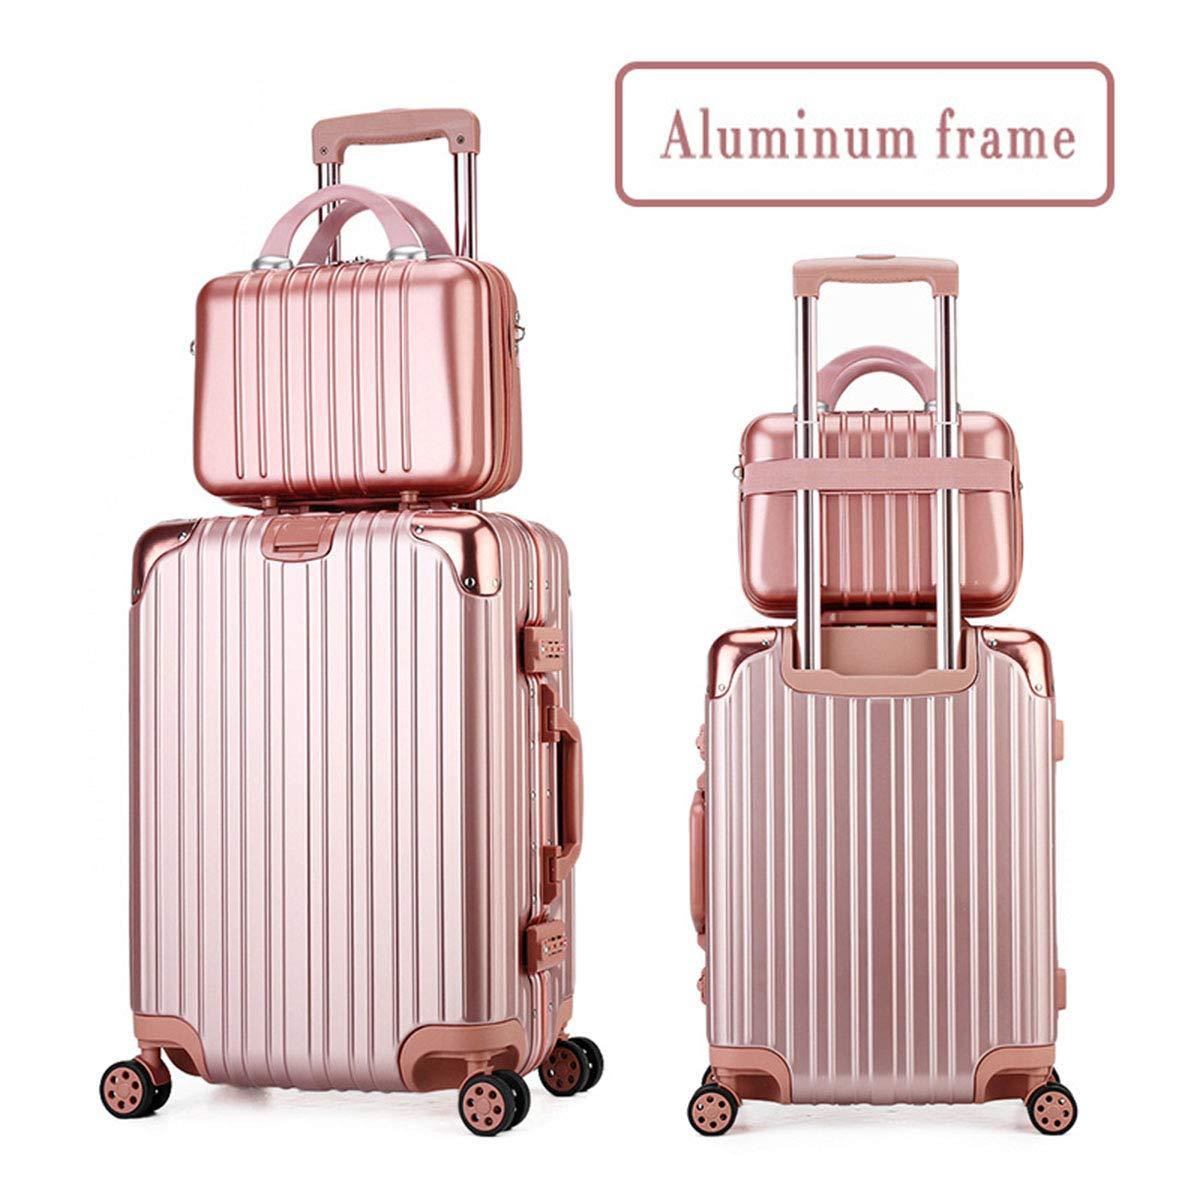 スーツケース+化粧品ケースセット、ユニバーサルホイール&ロック大容量多機能に乗って新しいファッショントロリー,rose,20+14inch B07S3QWXZS rose 20+14inch